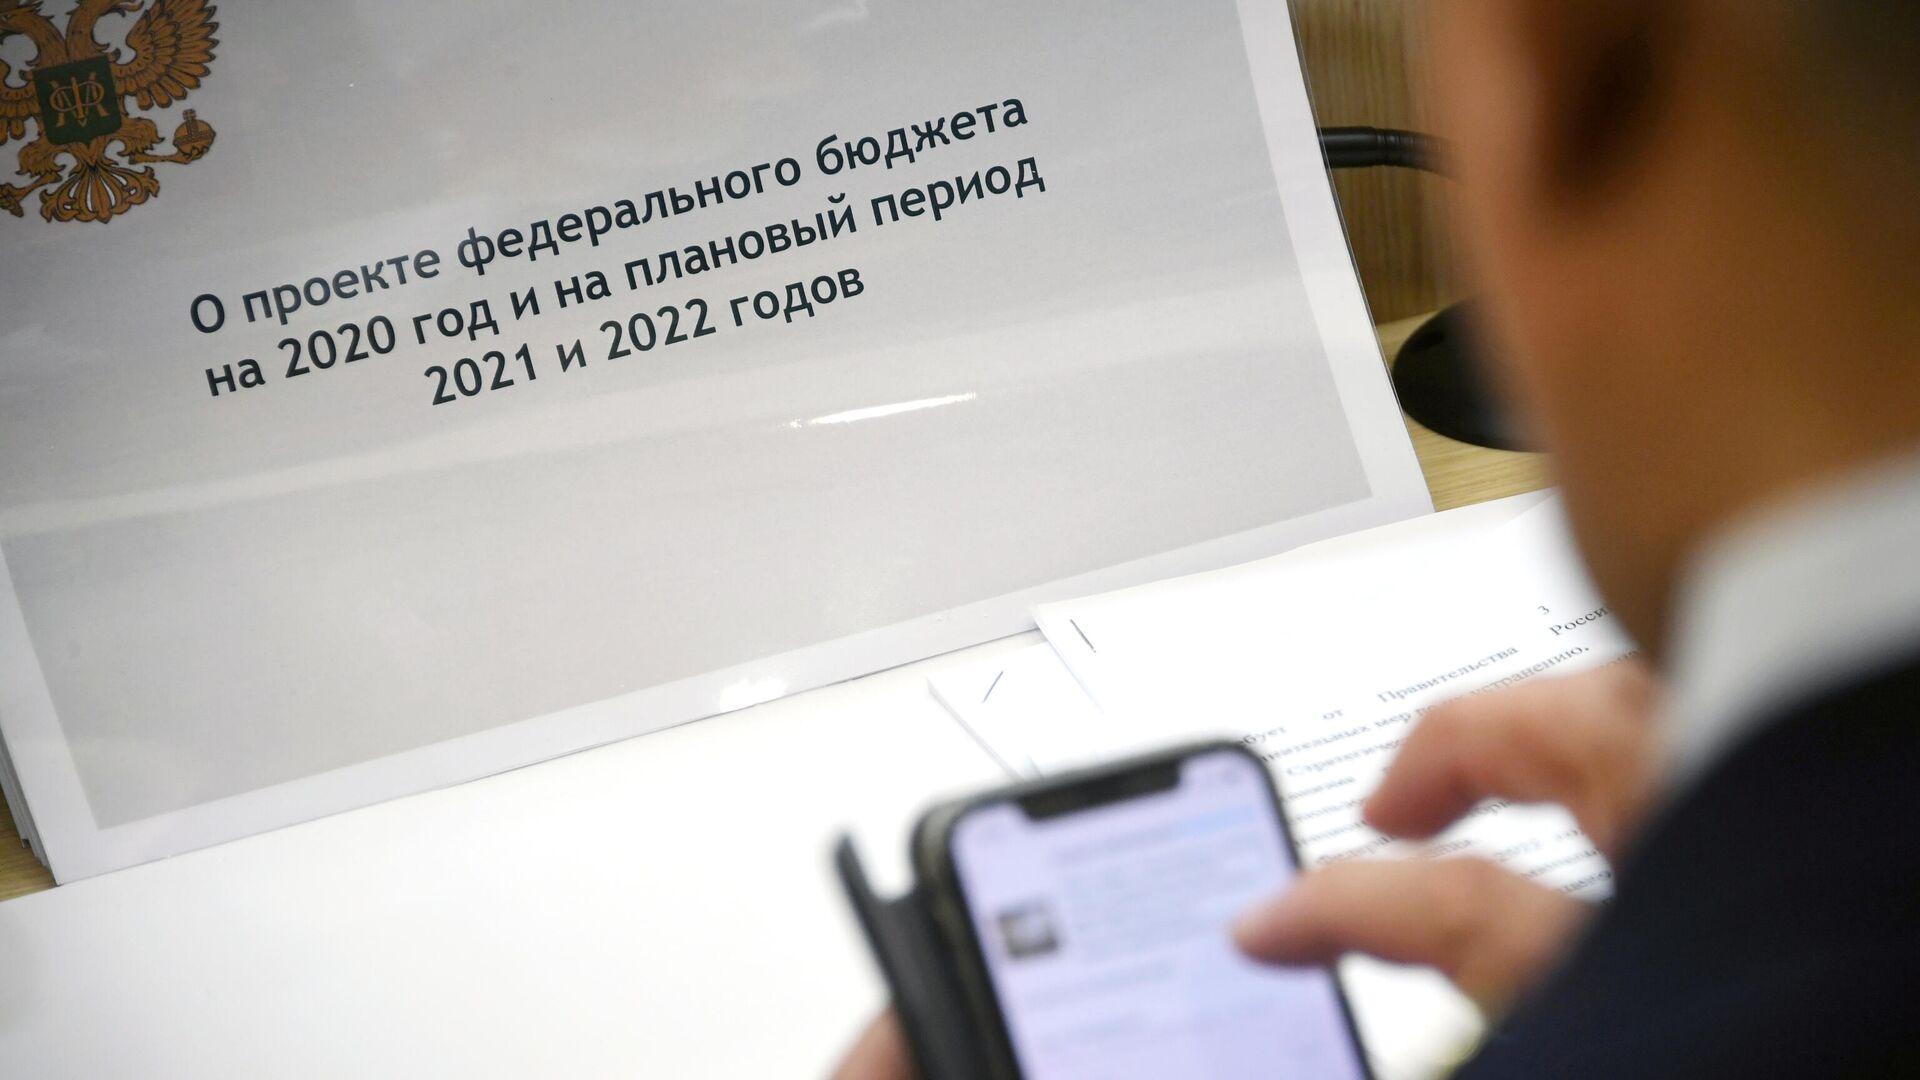 Проект федерального бюджета на 2020 год и на плановый период 2021 и 2022 годов - РИА Новости, 1920, 15.09.2020